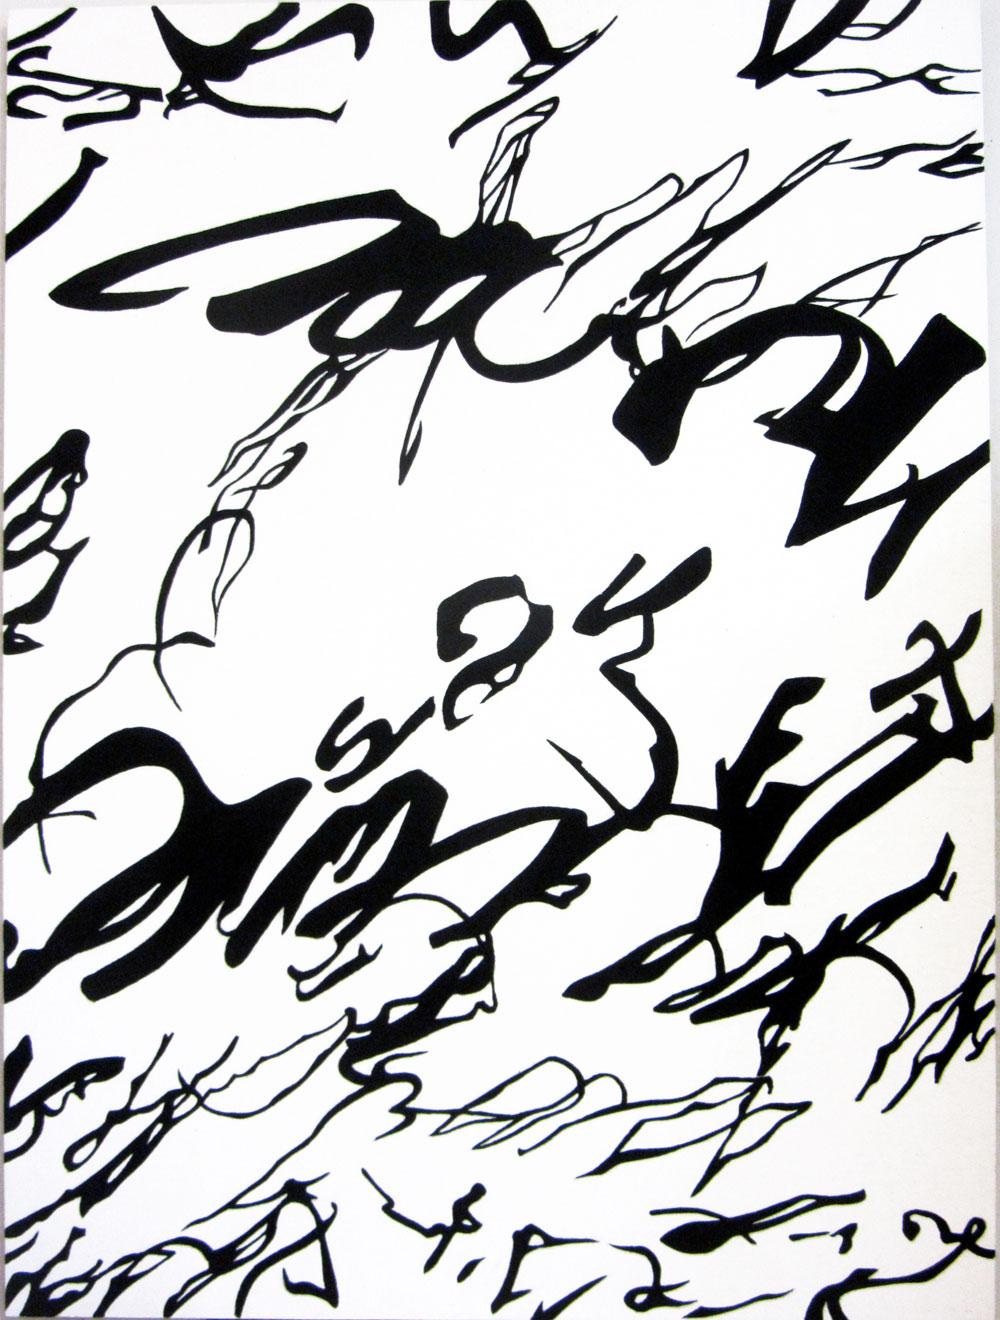 Segno Invasione, 1990, cm 160 x 120, Acrilico e sabbia su tela